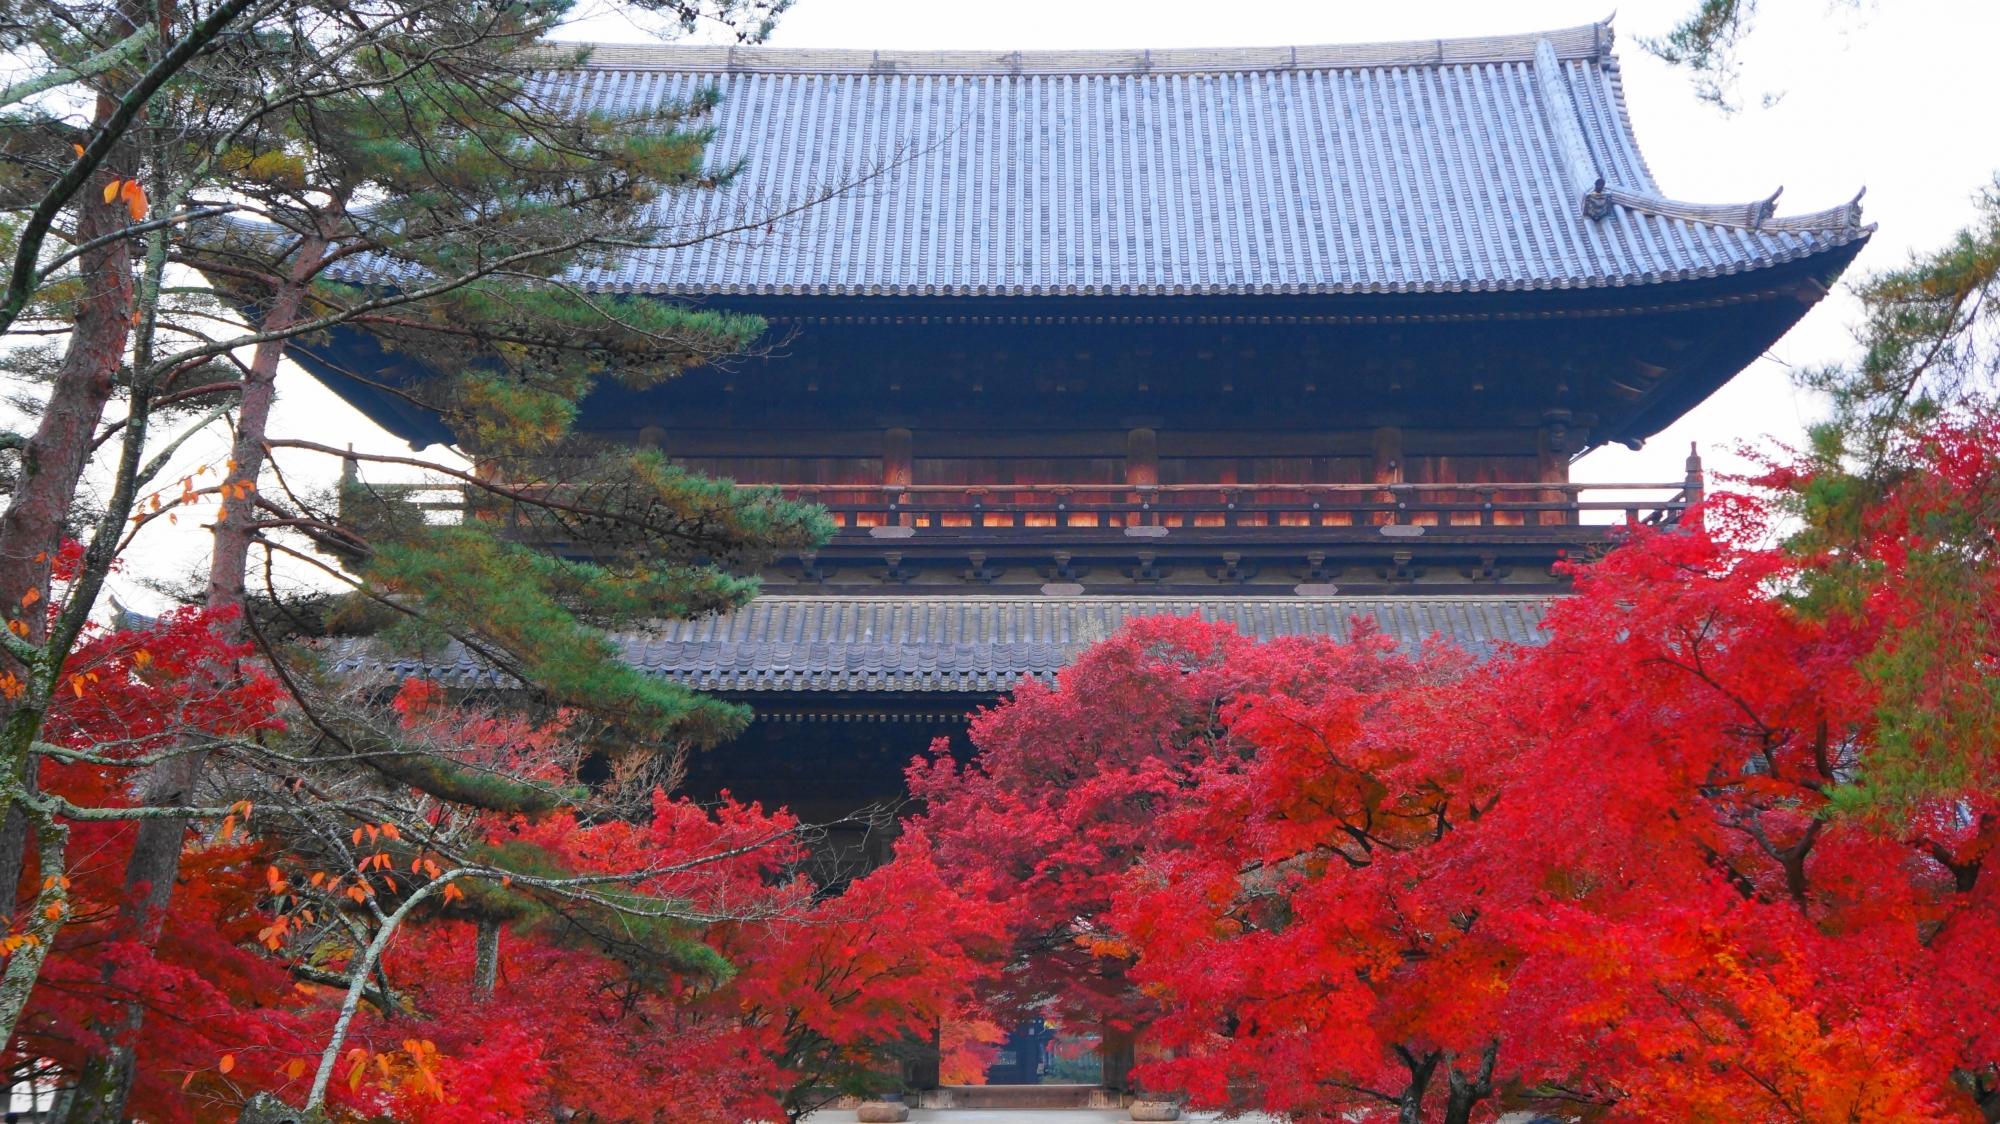 法堂側から眺めた南禅寺の三門と溢れる紅葉